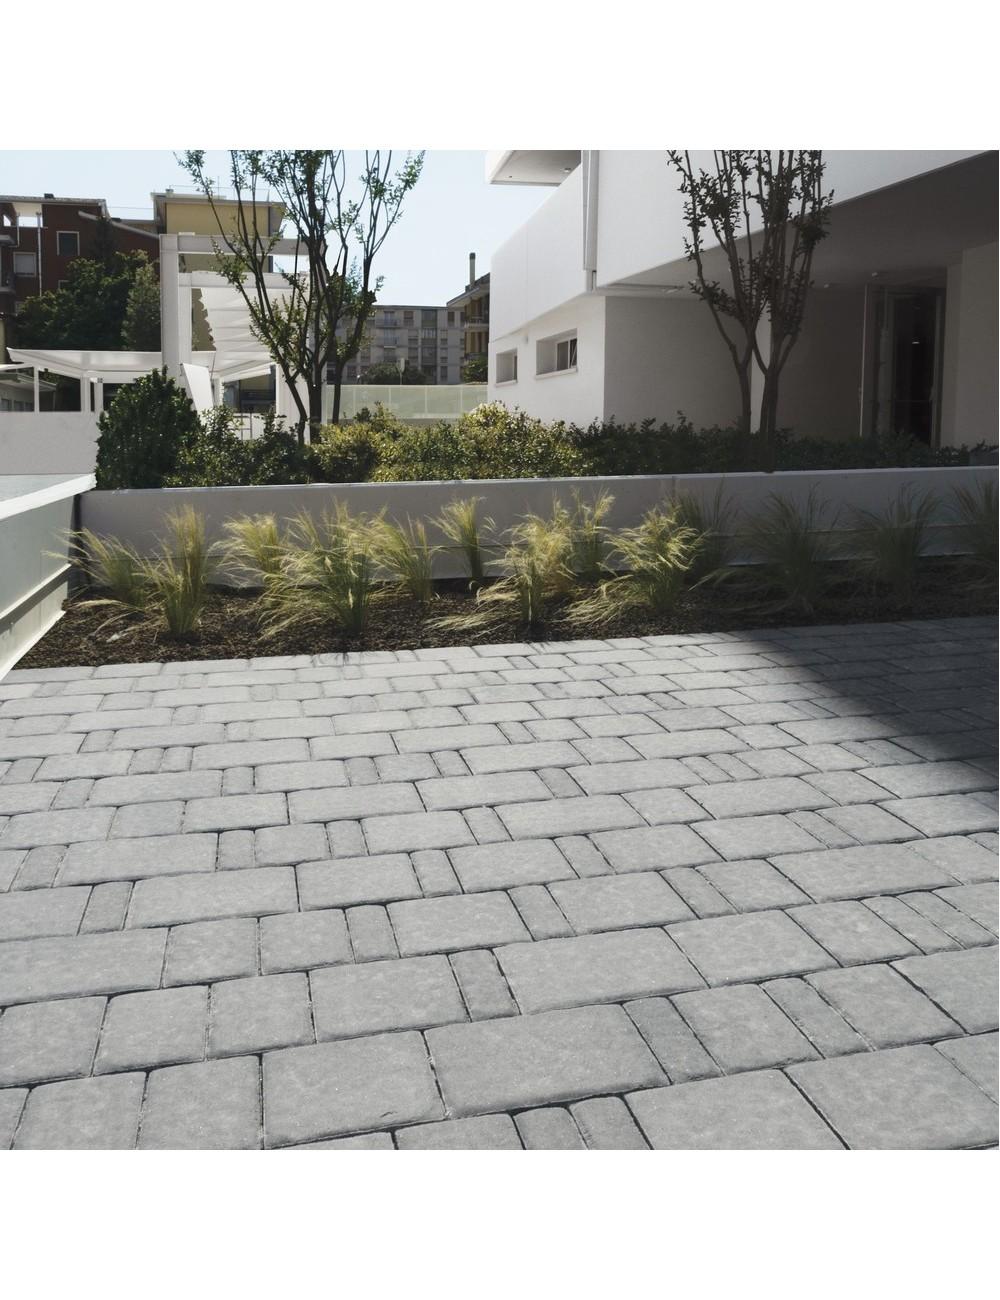 Pavimentazione ingresso condominiale con autobloccanti limestone grigio titanio Maspe